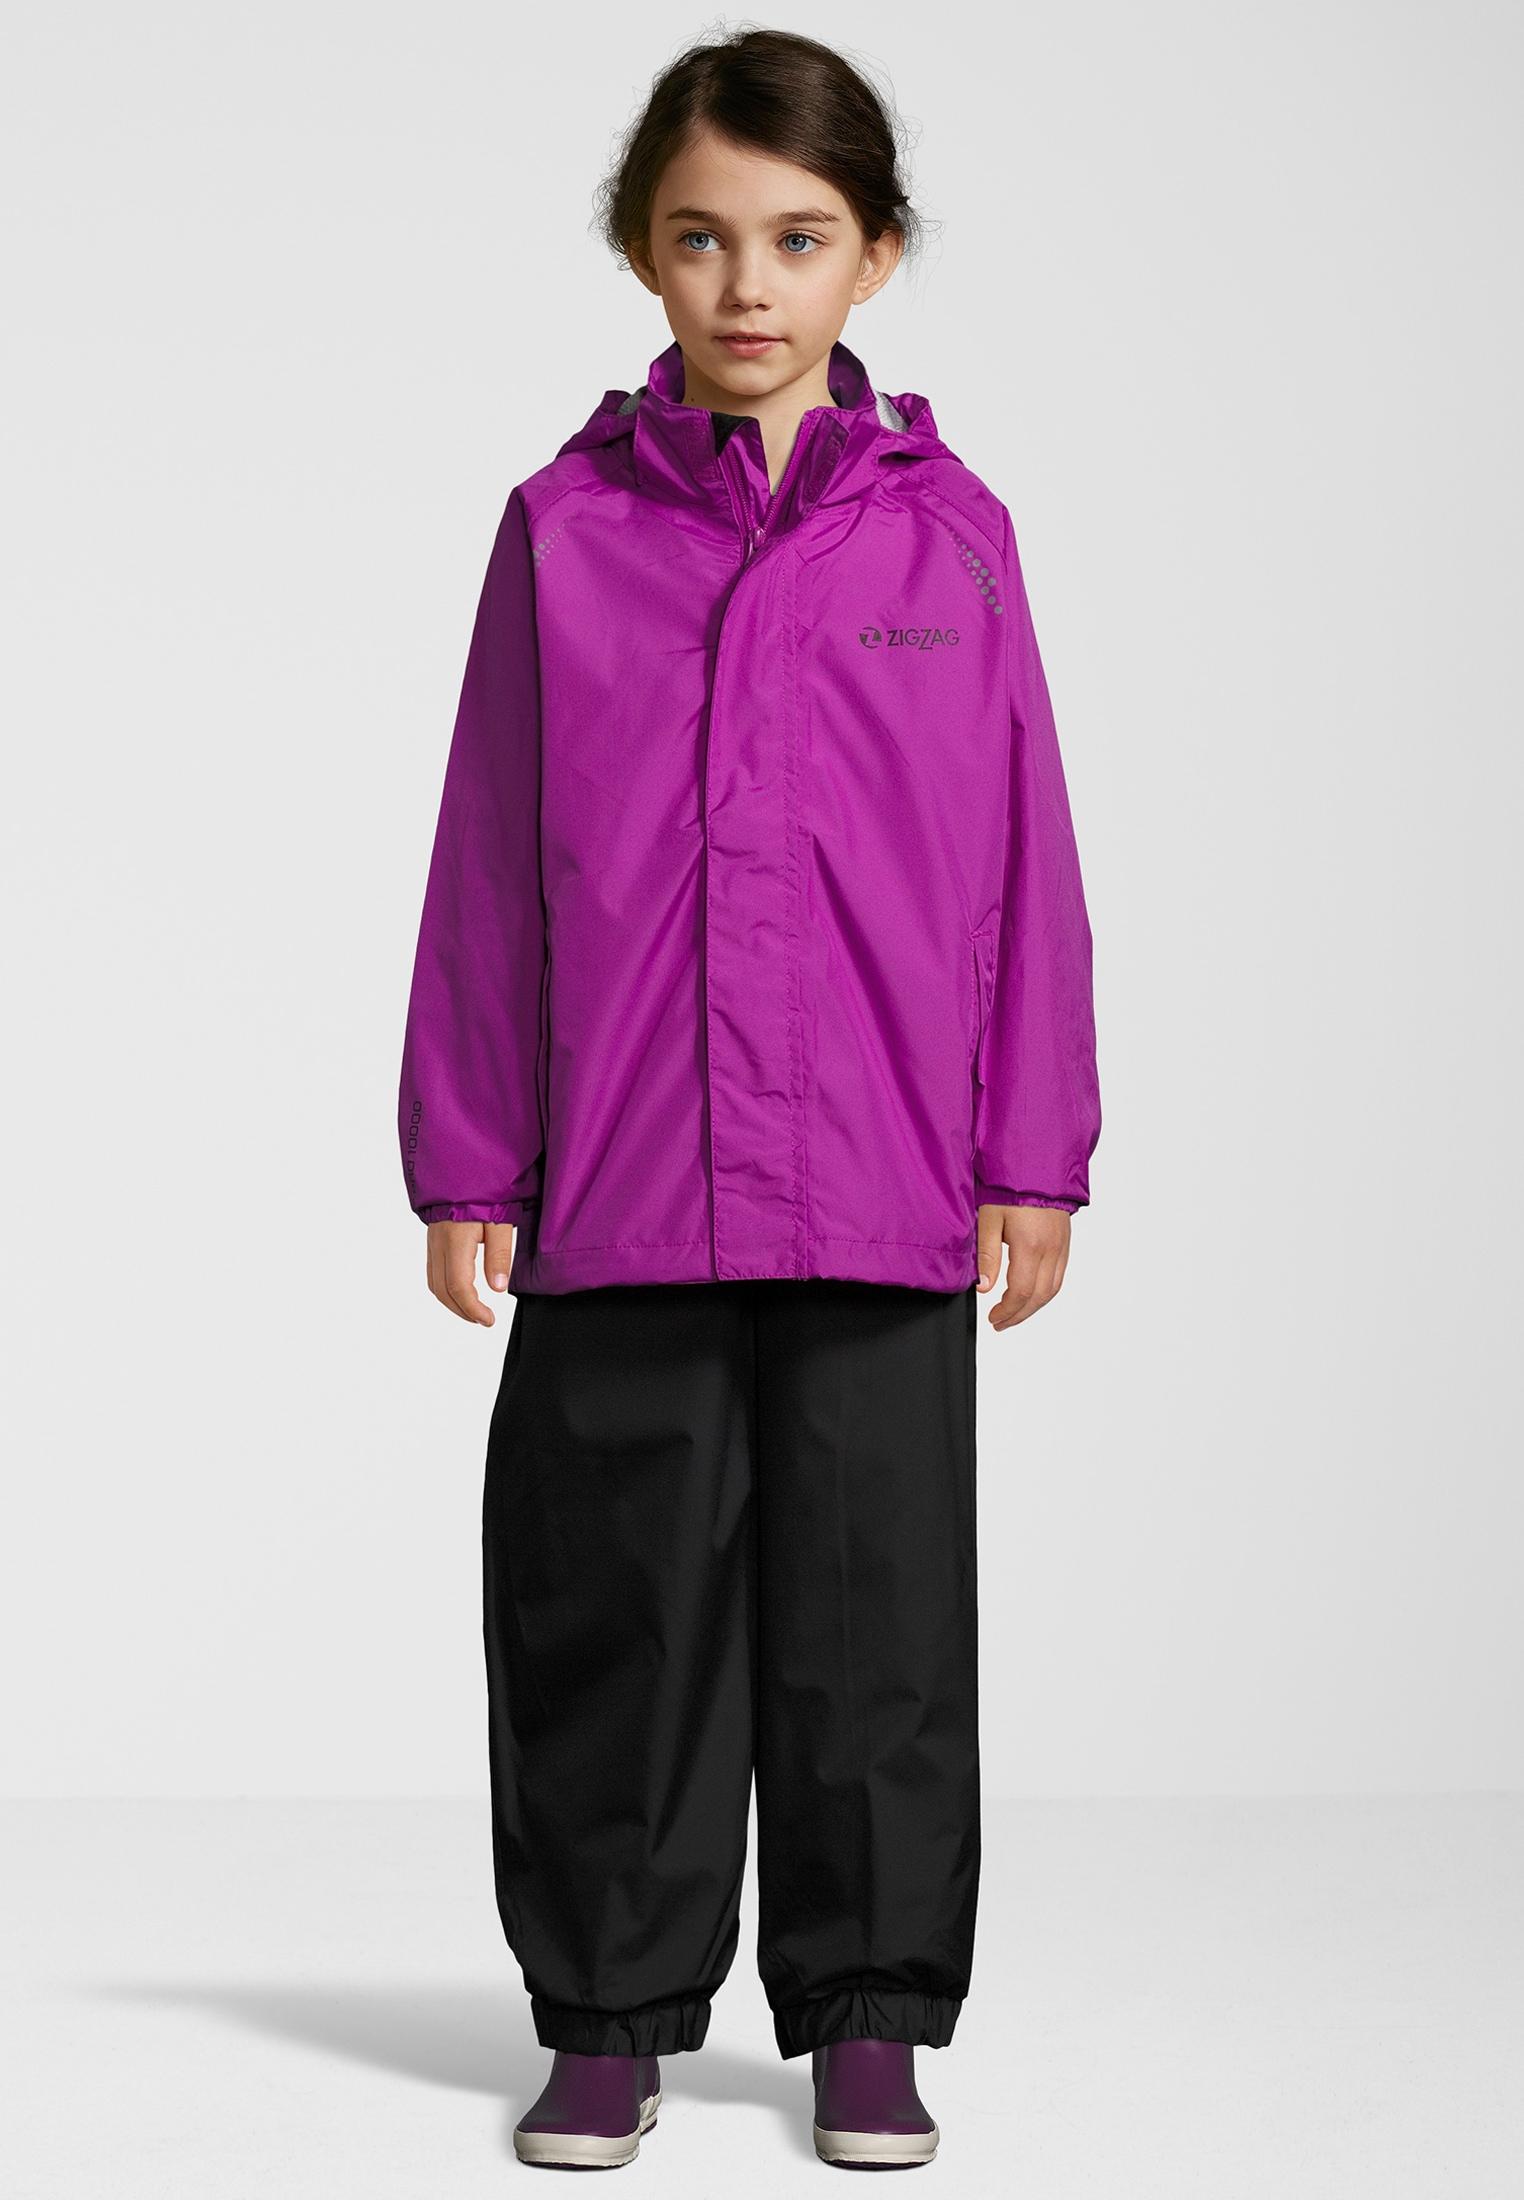 ZIGZAG Regenanzug Ophir W, W-PRO 10000 lila Kinder Regenanzüge Regenbekleidung Jungenkleidung 5713939207253